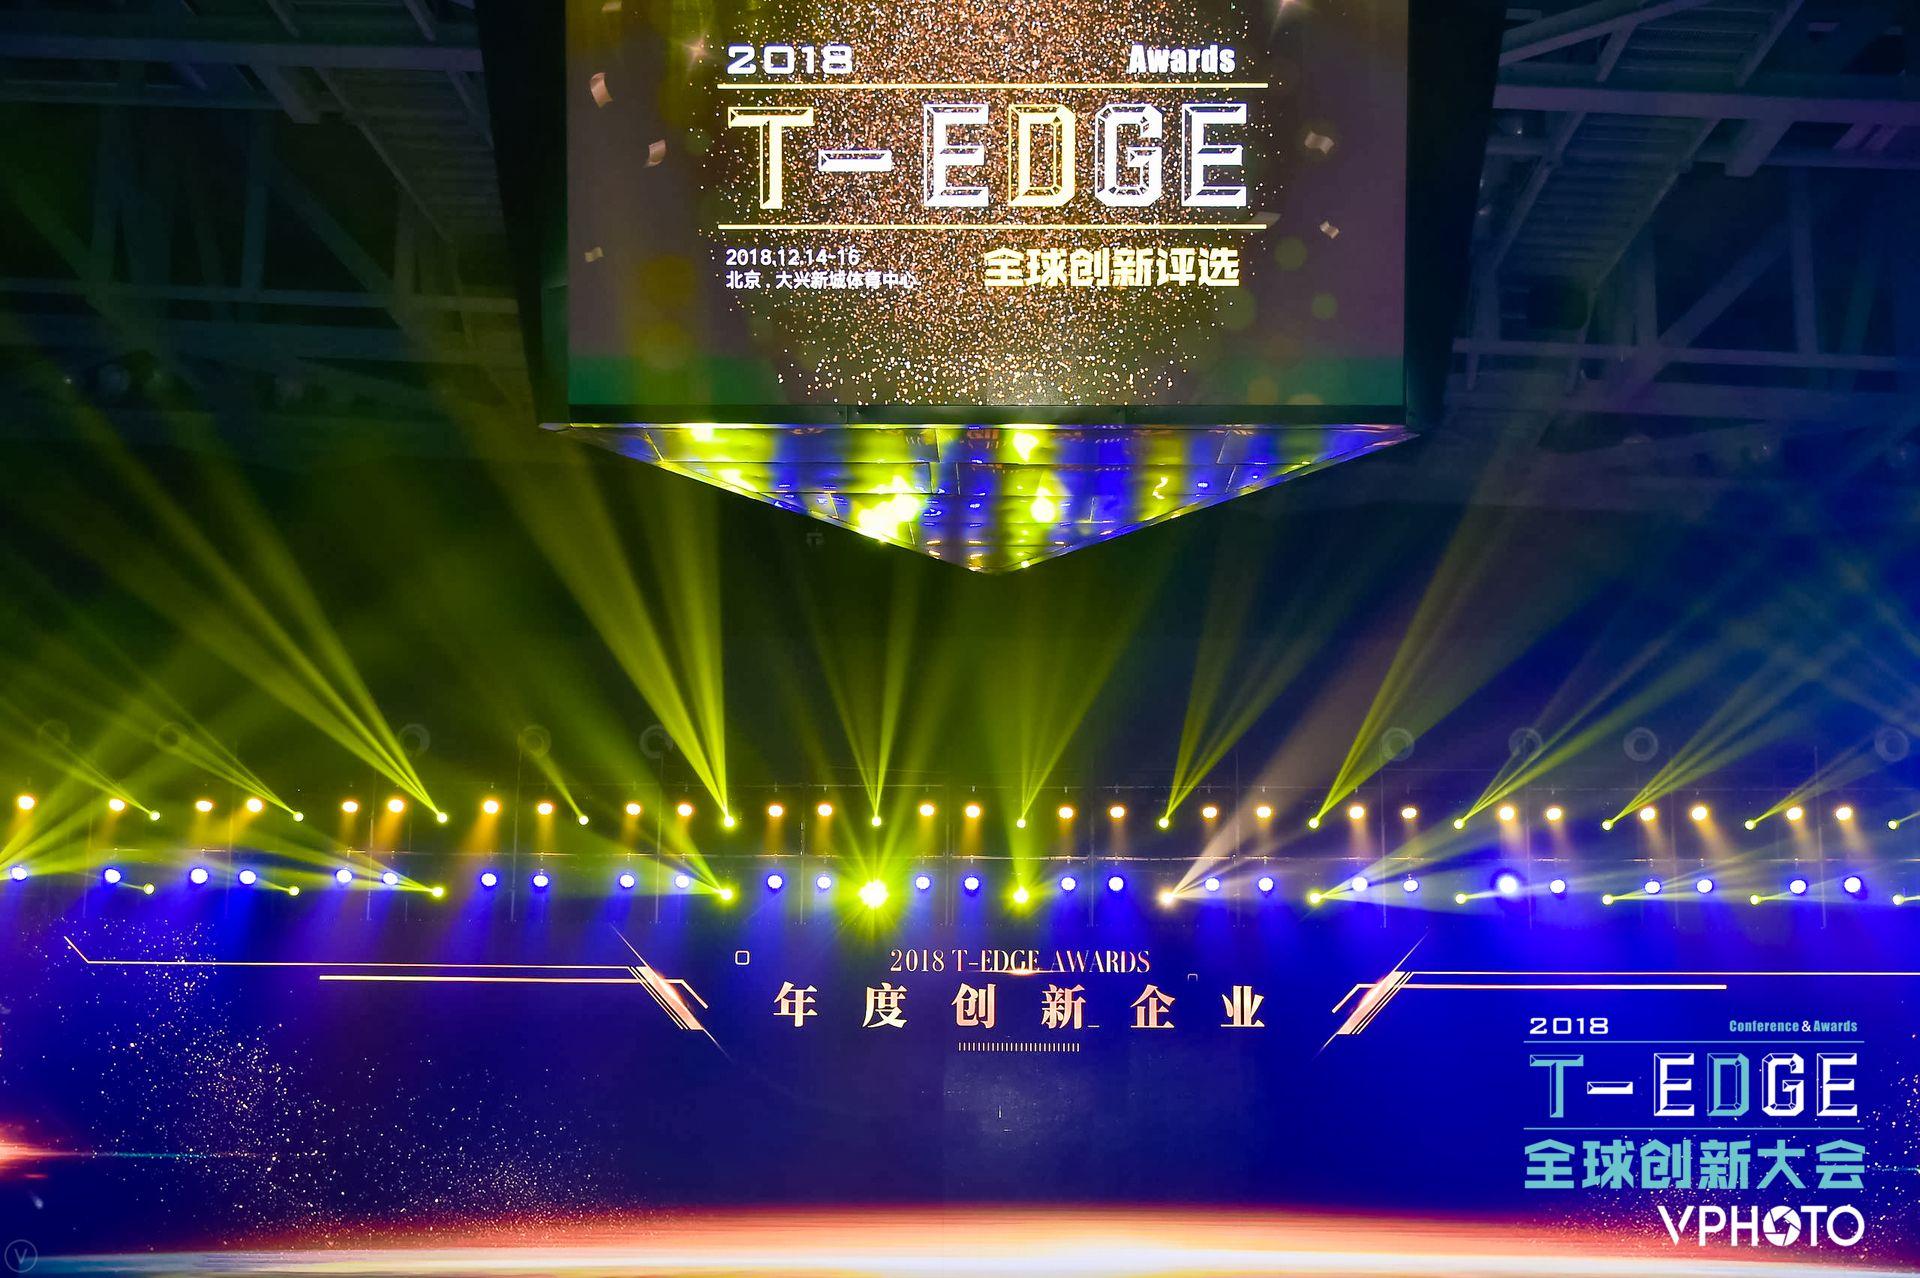 新形势下的创新力量,钛媒体「年度创新企业」揭榜 | 2018 T-EDGE Awards